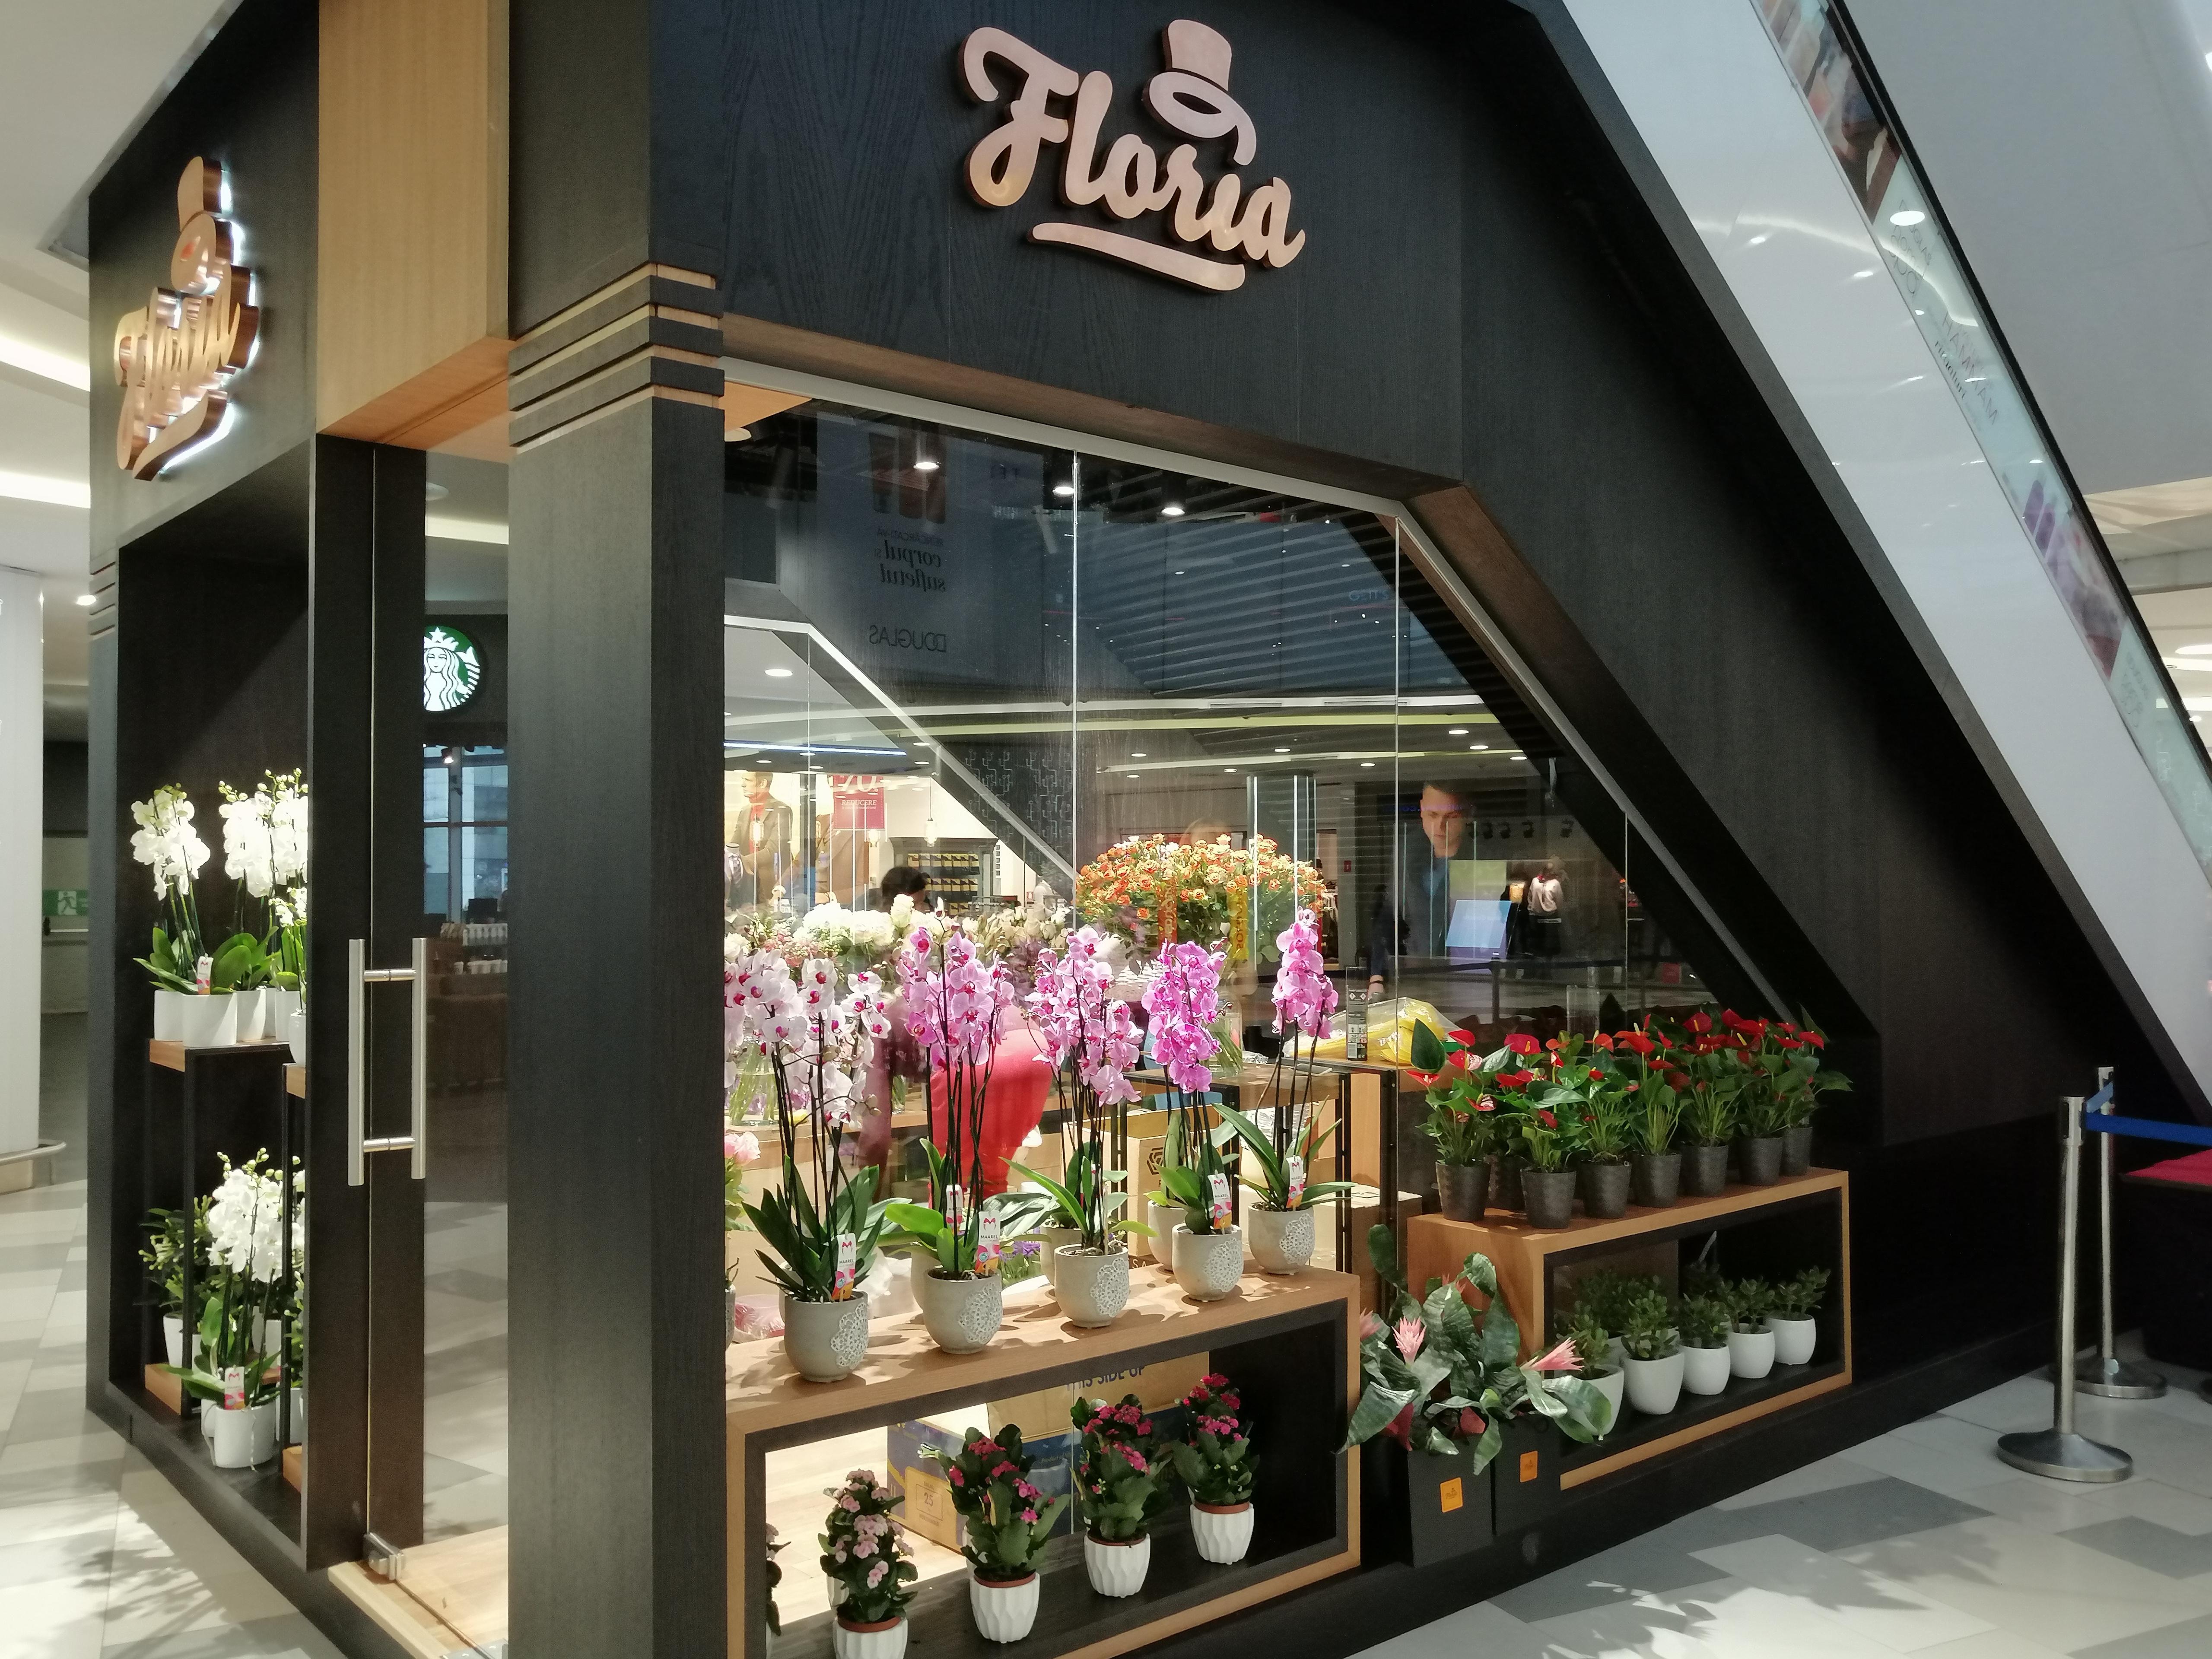 Grupul Floria a deschis o florărie în centrul comercial Plaza din Bucureşti după o investiţie de 50.000 de euro